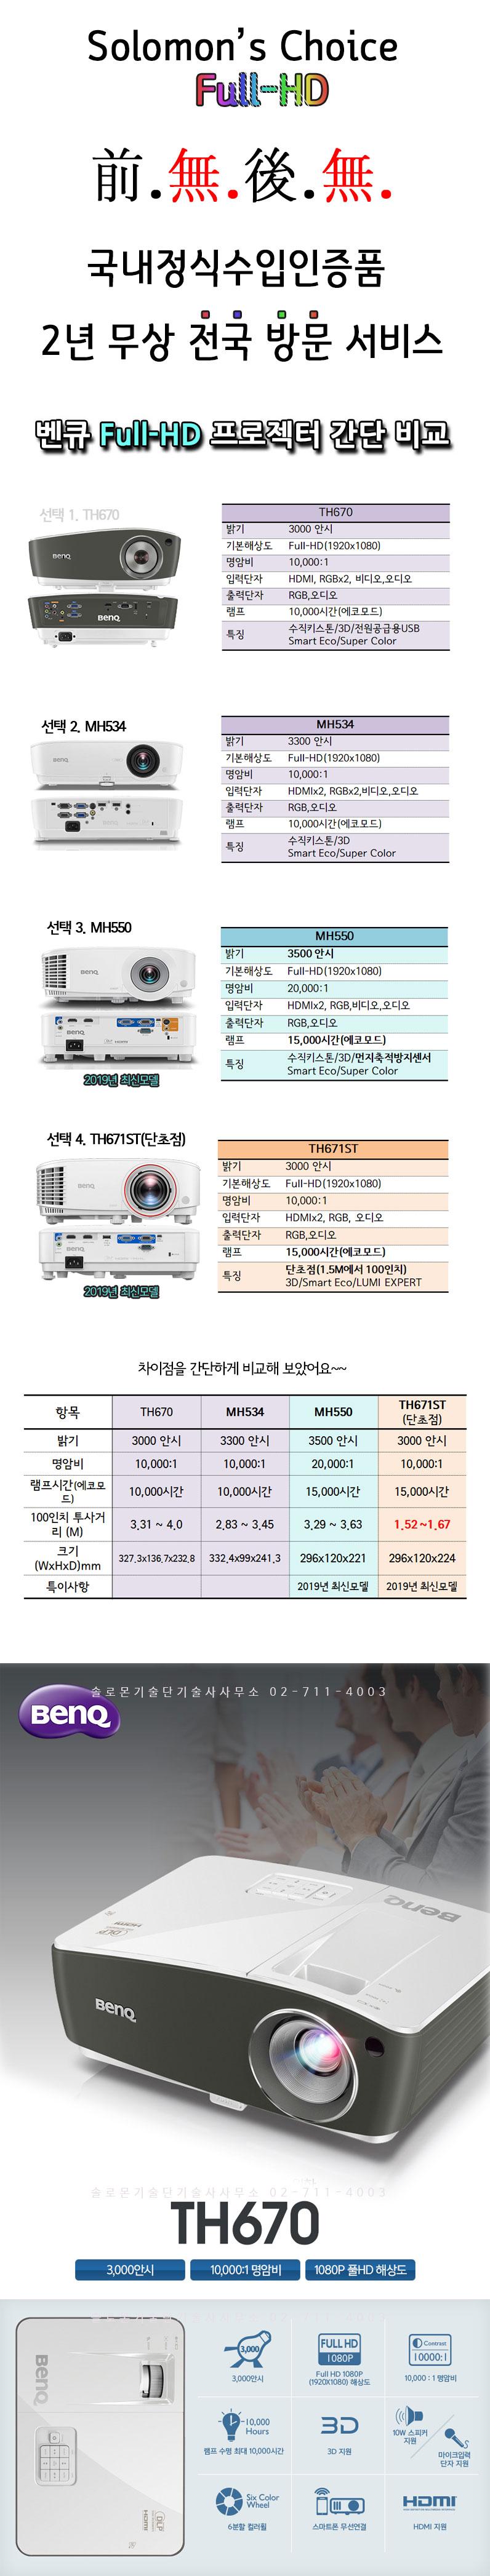 벤큐 FULL-HD 올인원 프로젝터 TH670